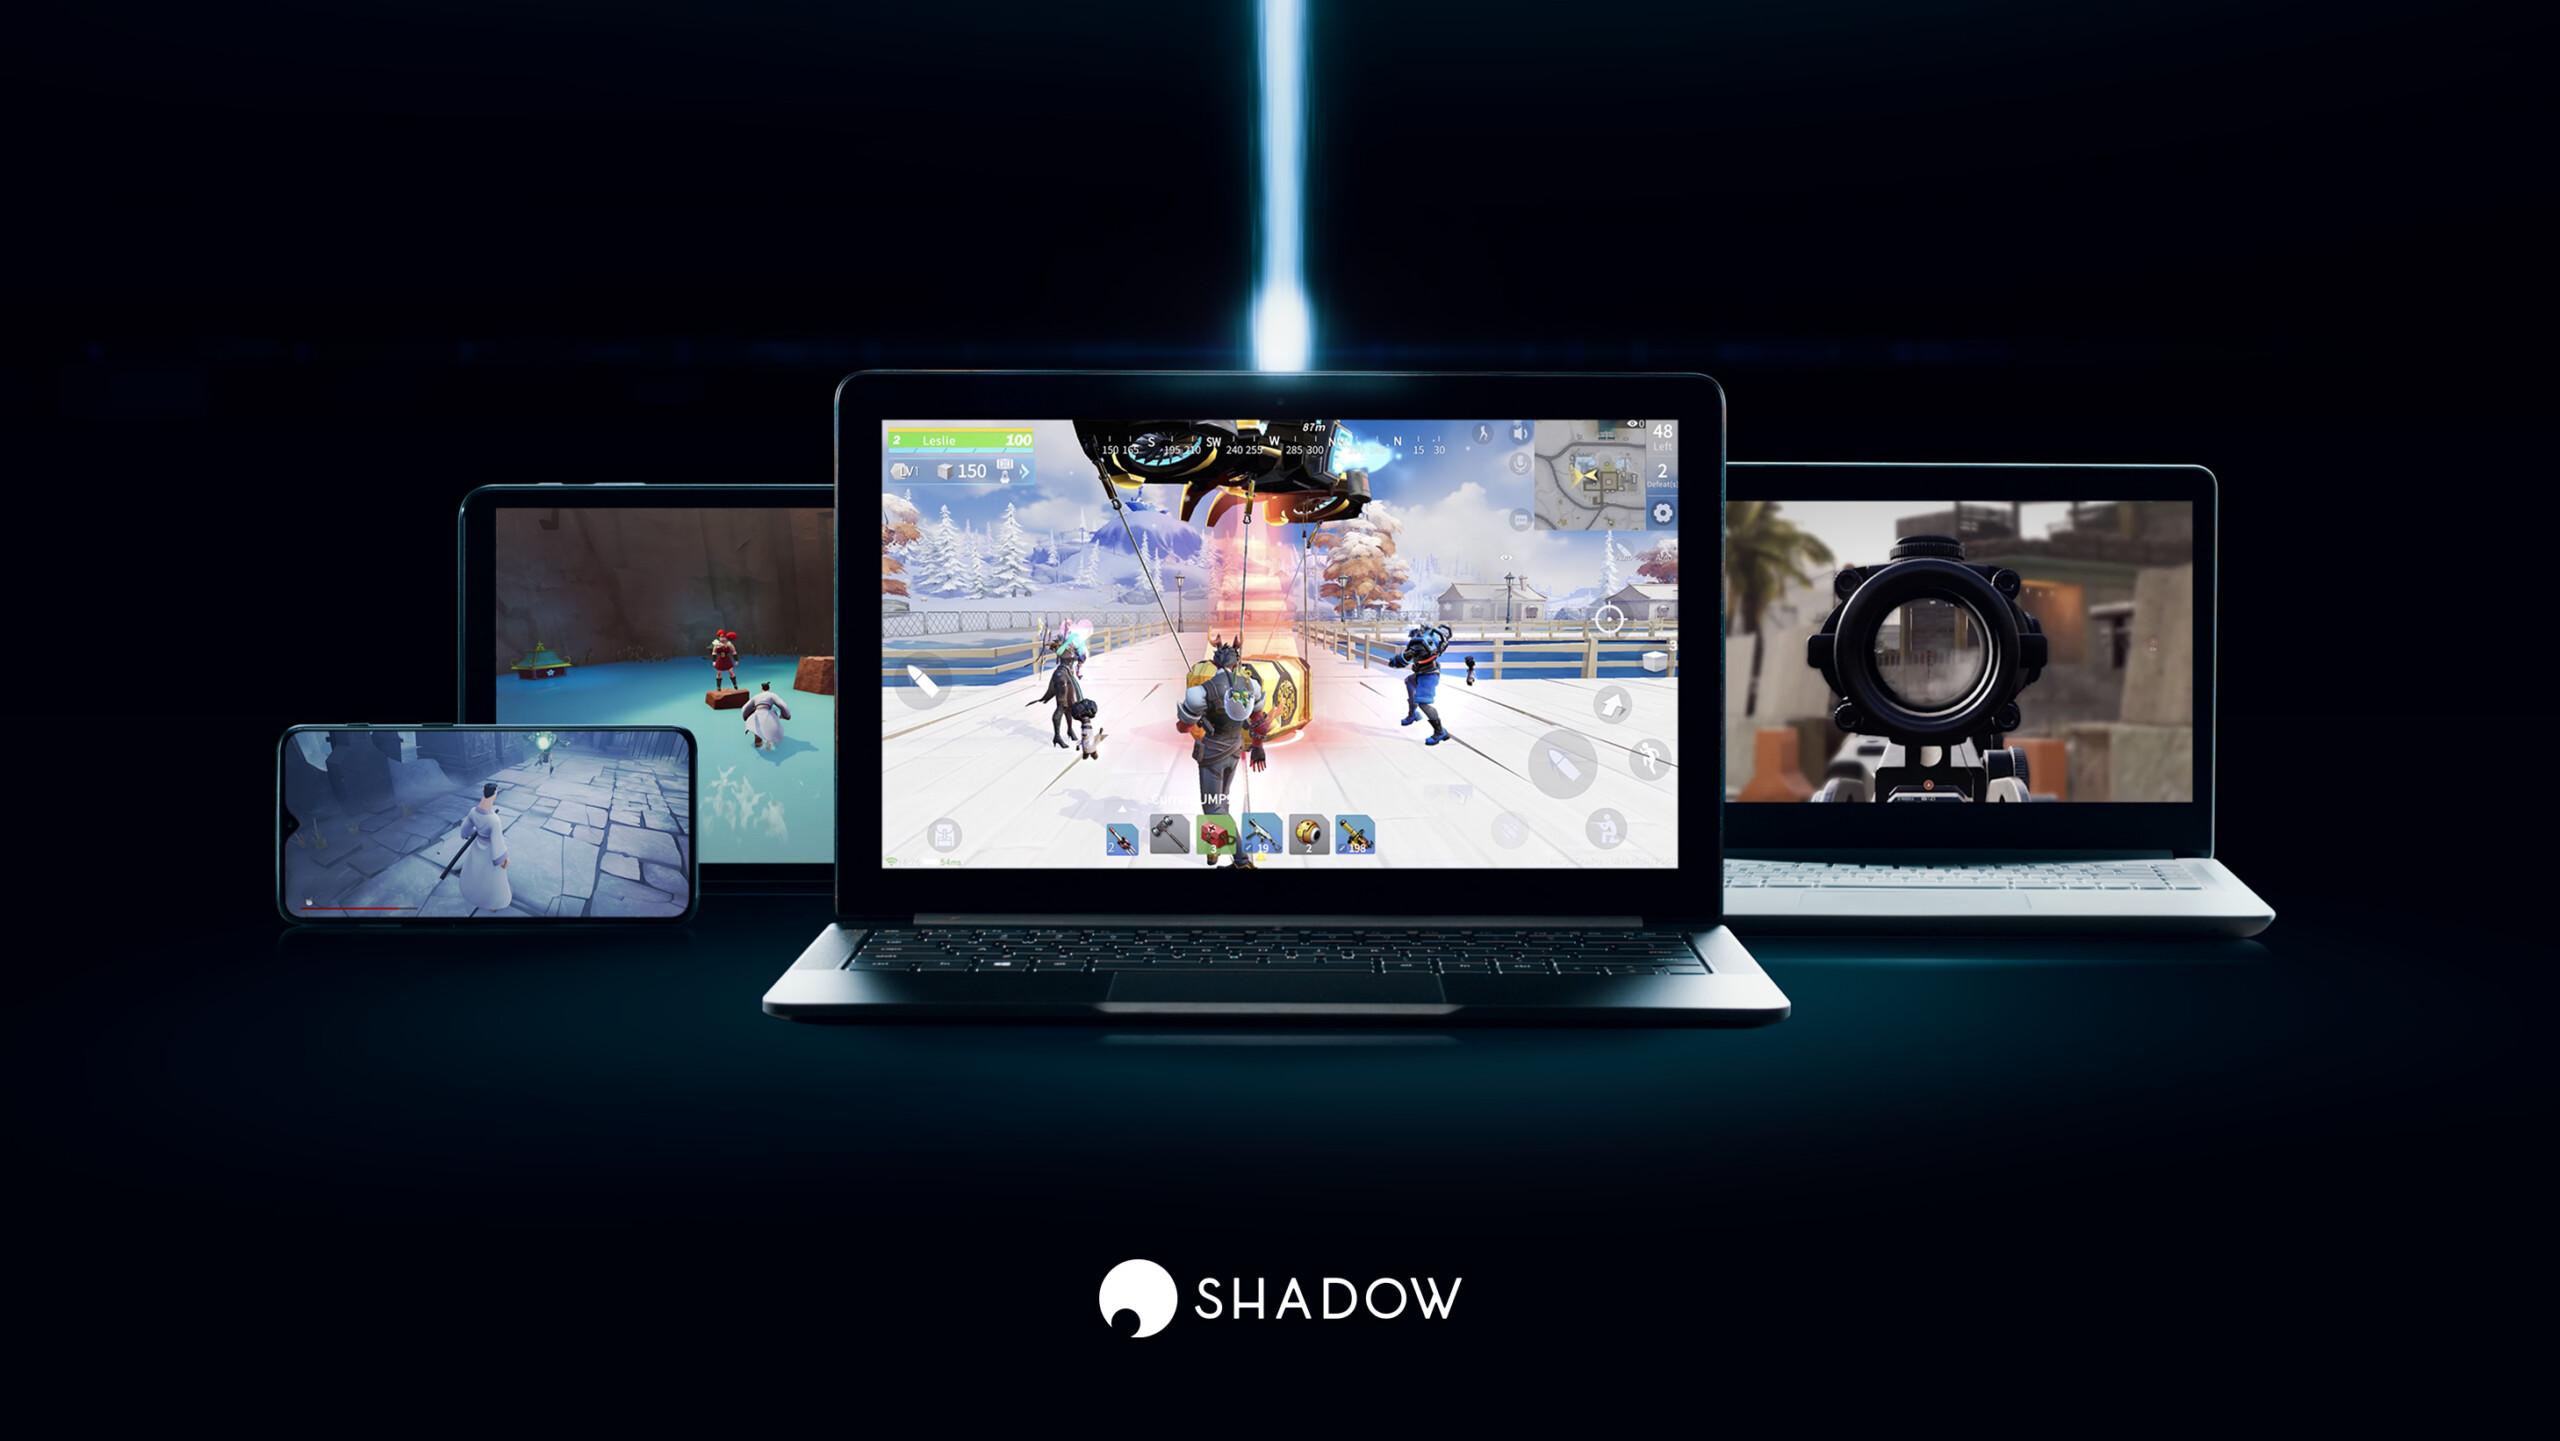 Shadow : l'entreprise Blade est en difficulté, et cherche un repreneur